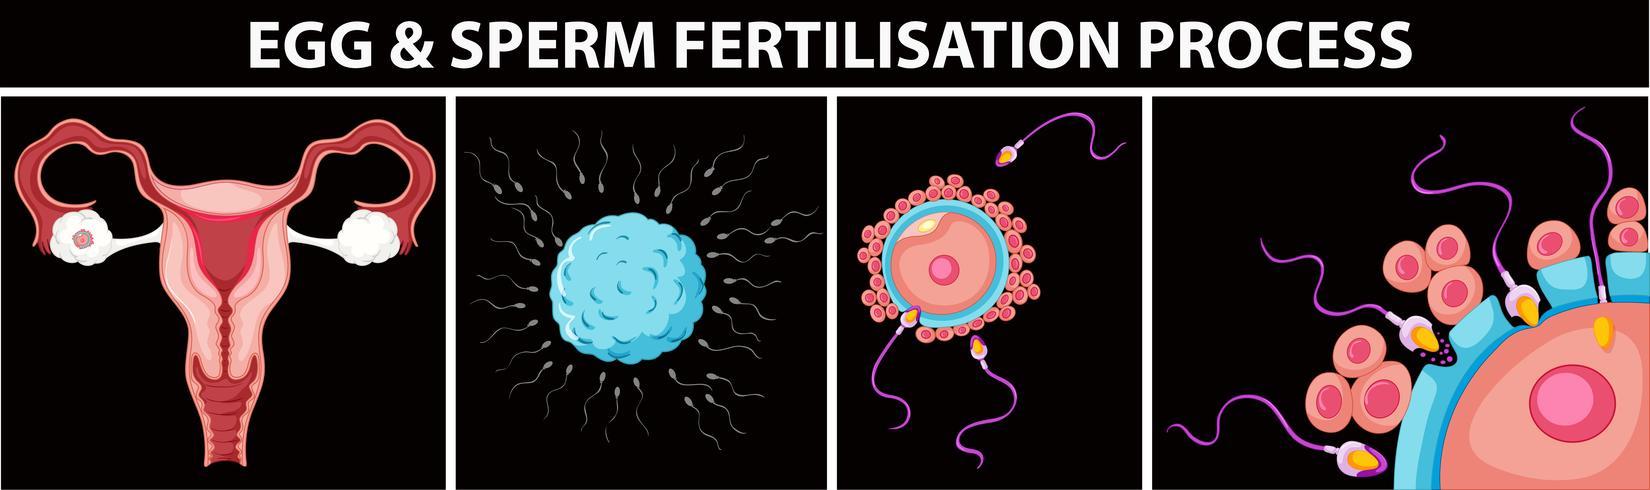 Processo de fertilização de ovos e espermatozóides